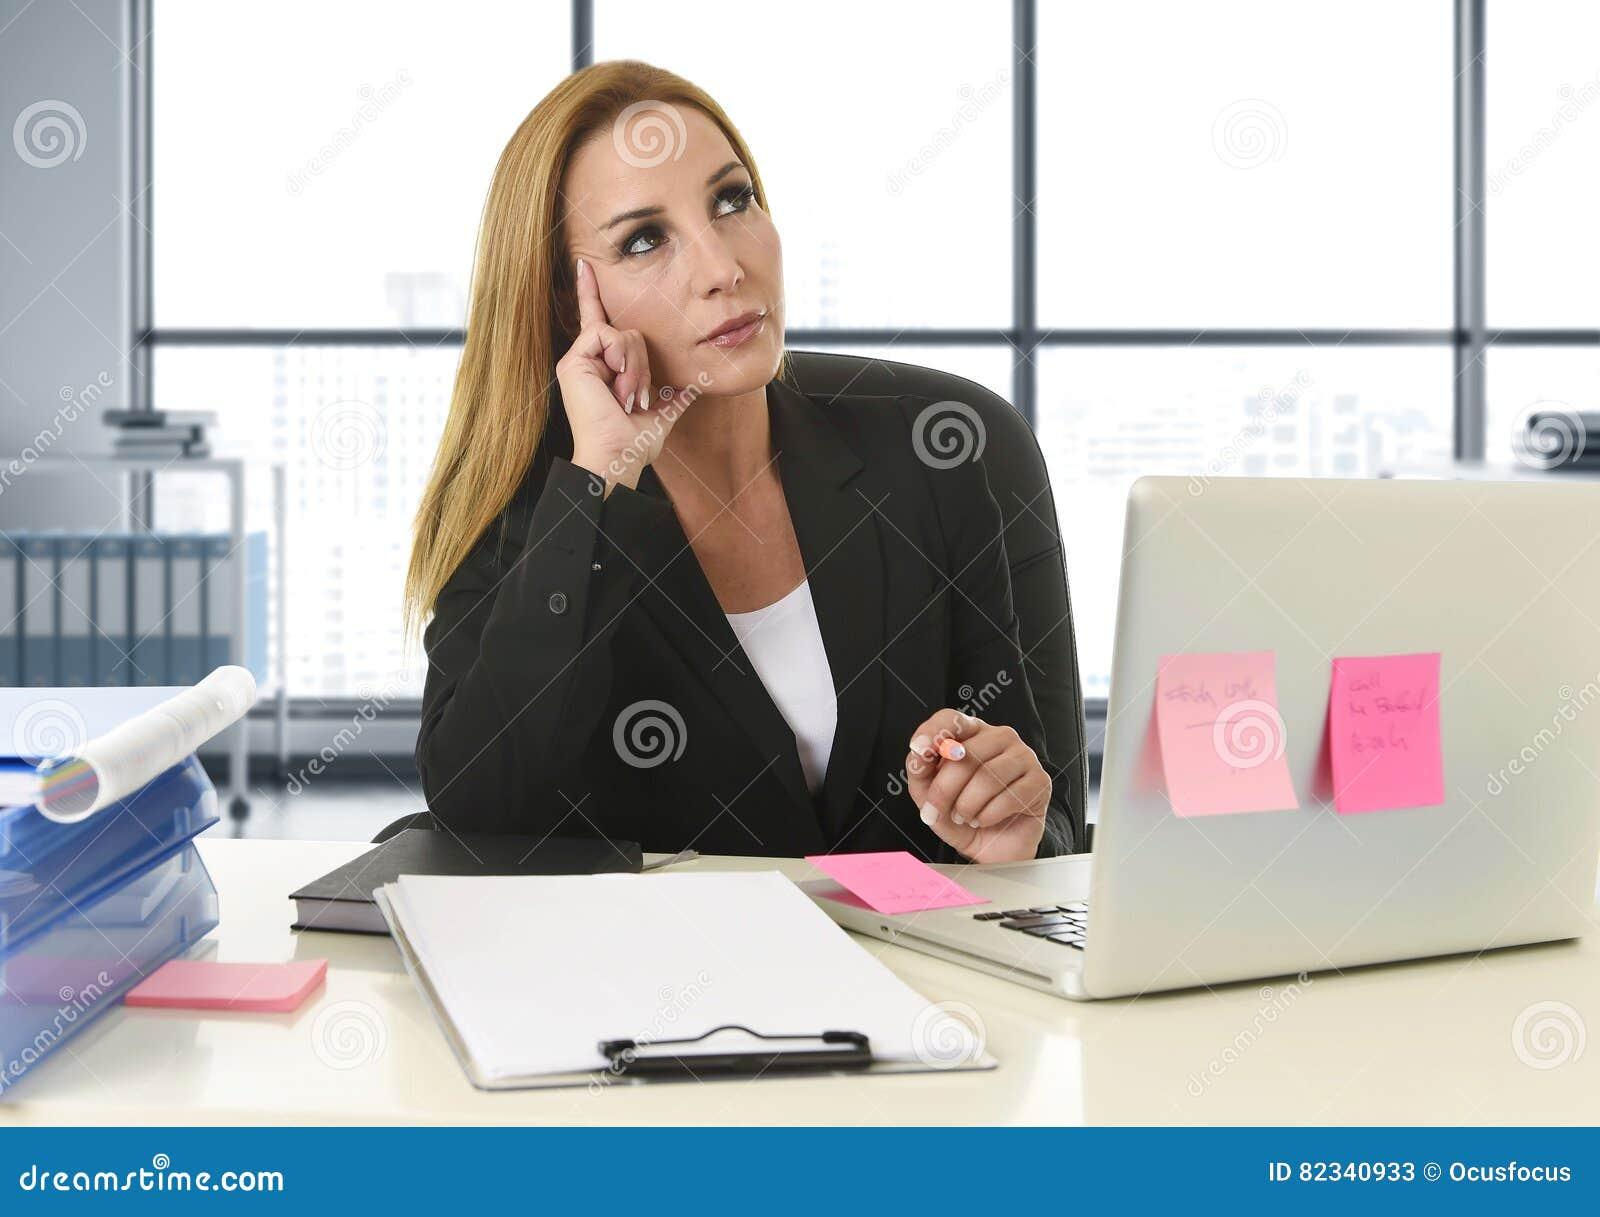 Geschäftsfrau, die an der Laptop-Computer sitzt auf dem Schreibtischabwesenden gekümmert arbeitet